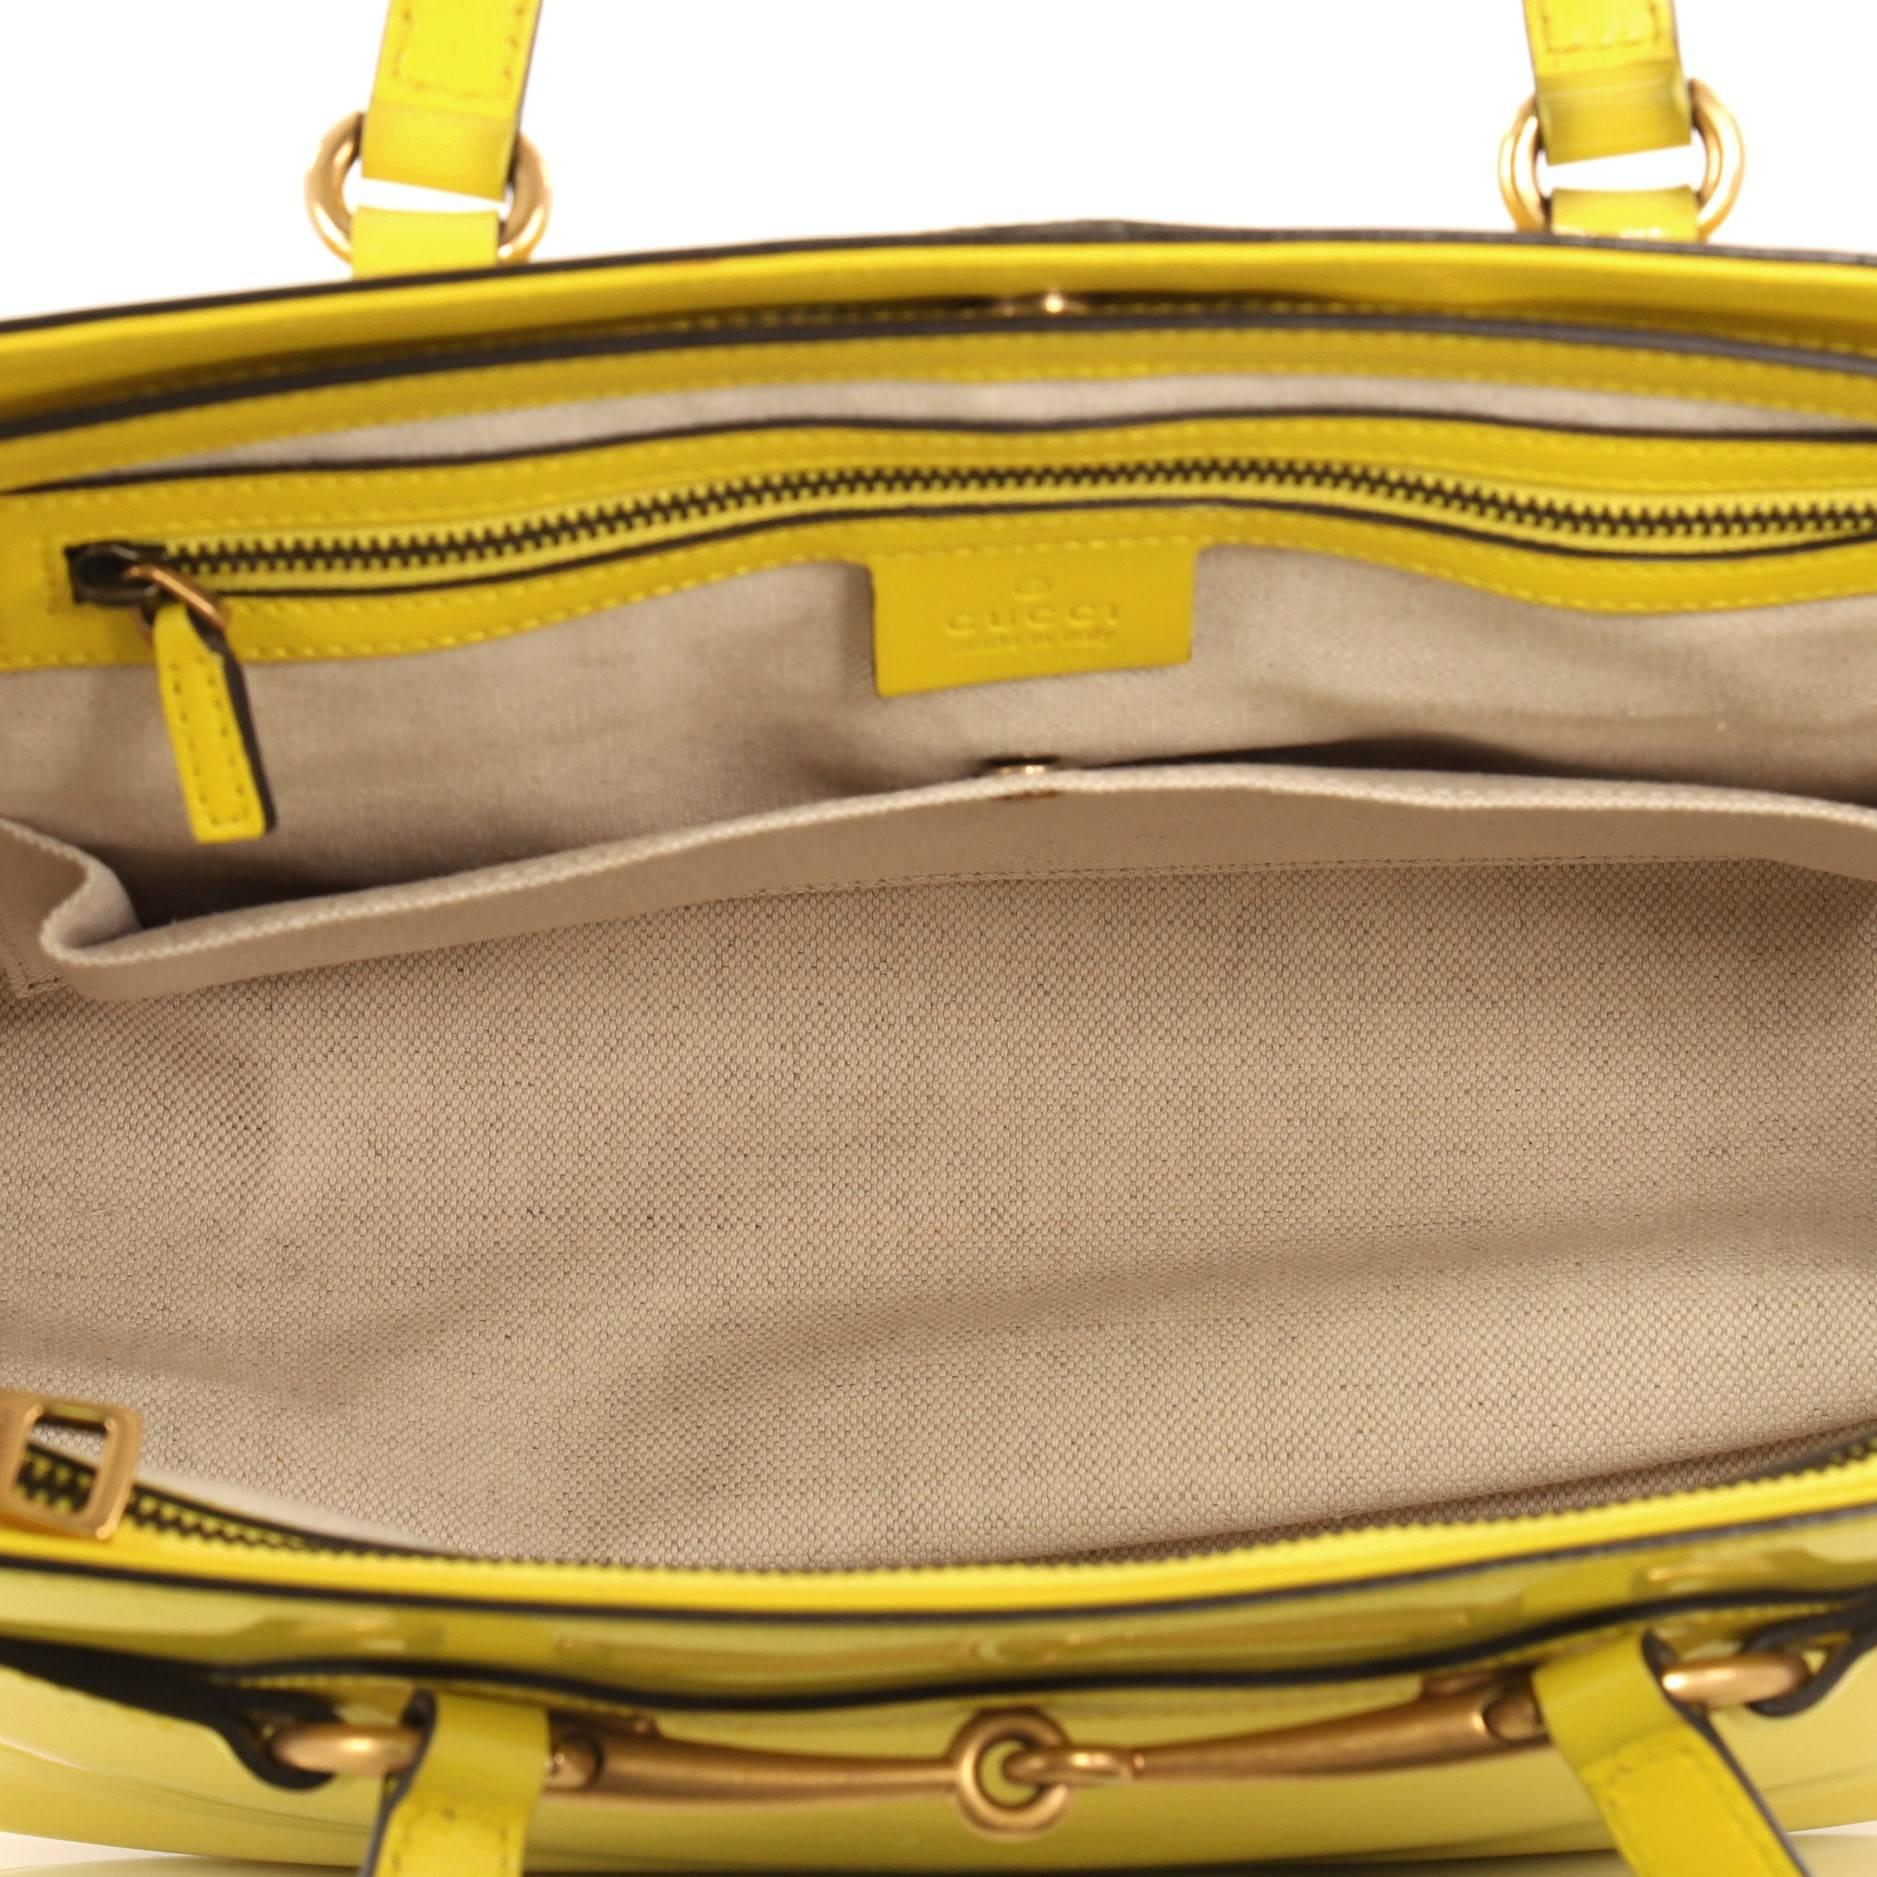 f0198e7142ea51 Gucci Bright Bit Convertible Tote Patent Medium at 1stdibs